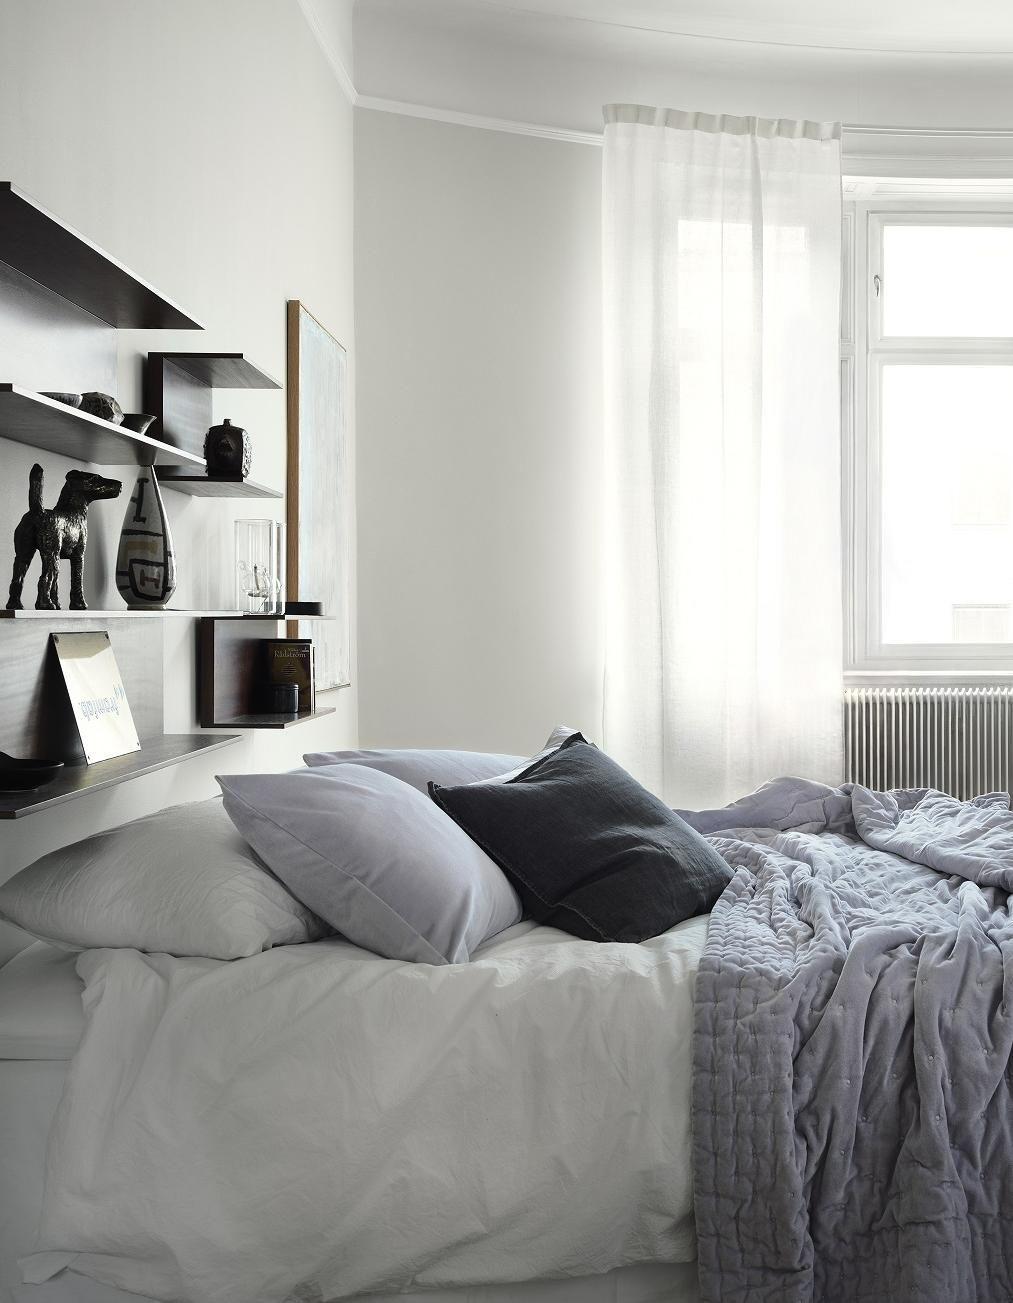 5 trucs que chaque couple doit avoir dans sa chambre - Elle Décoration